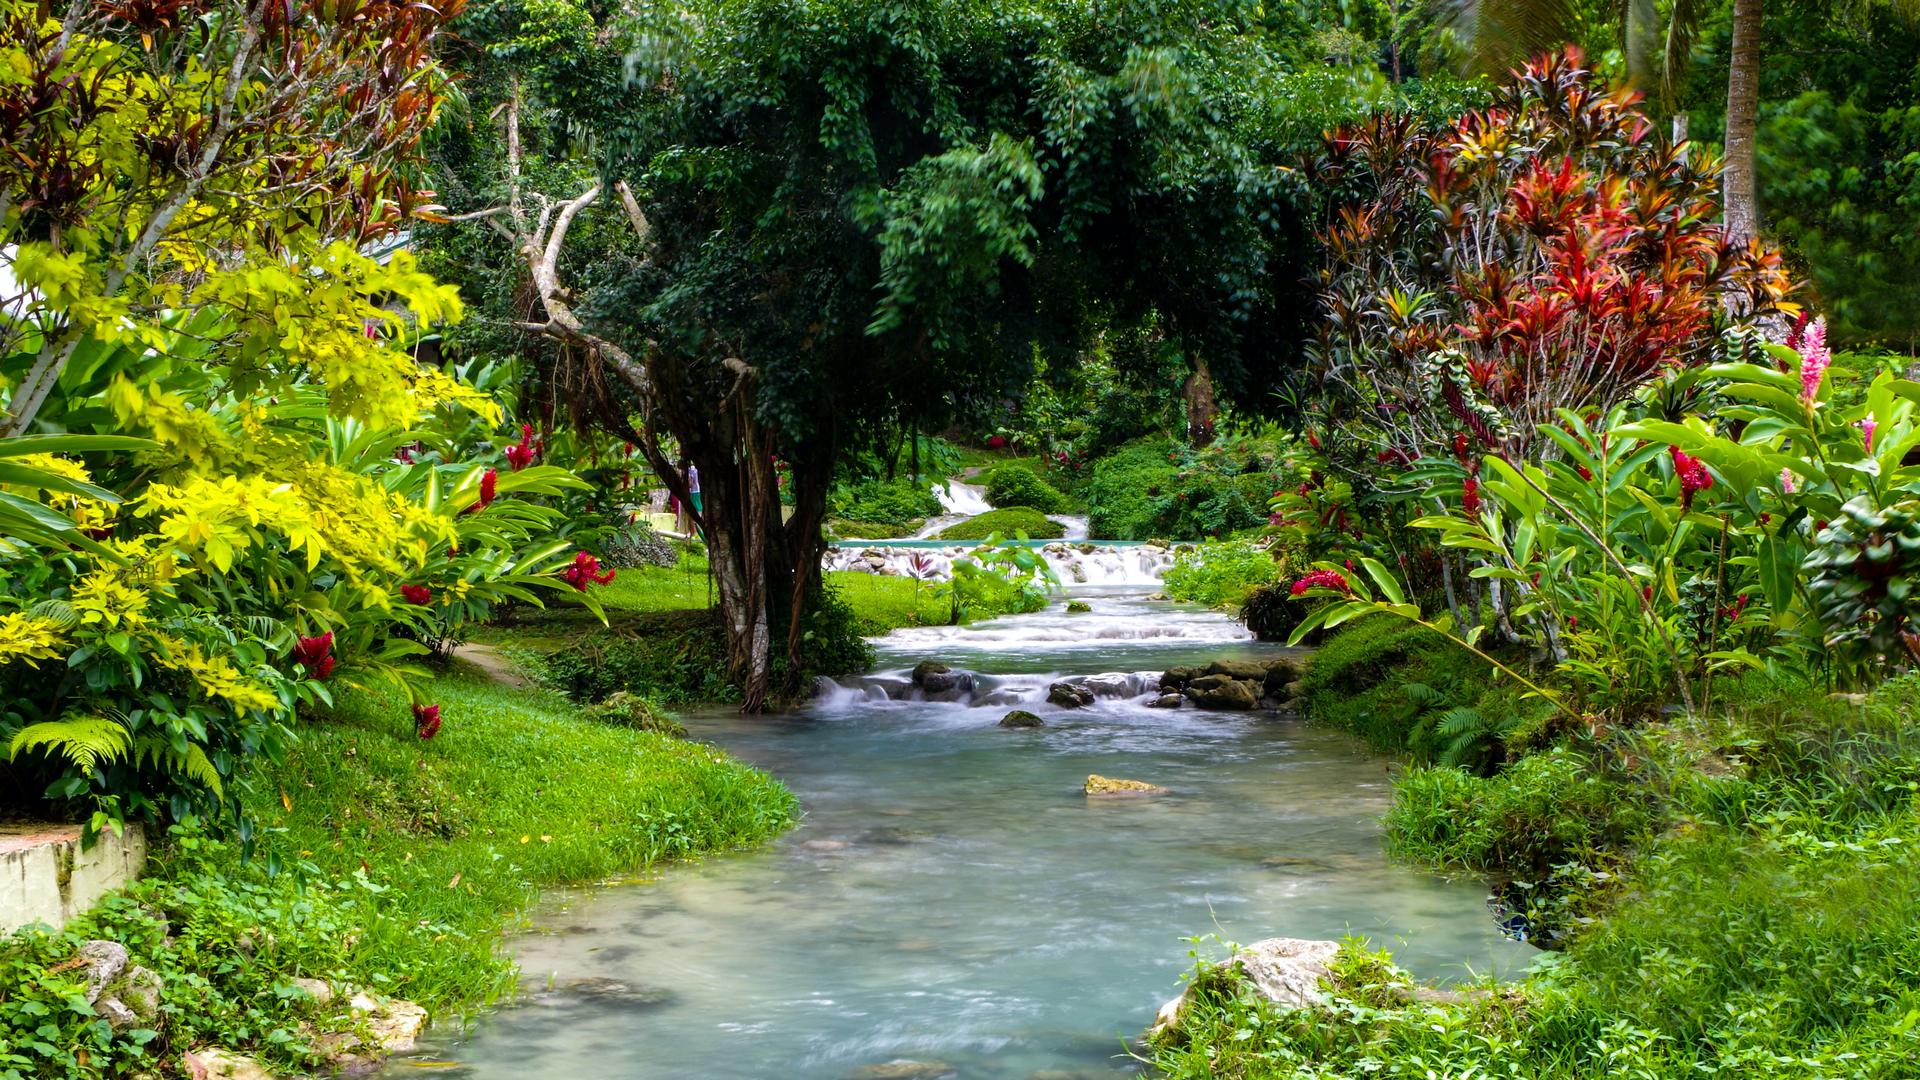 A view in Vanuatu